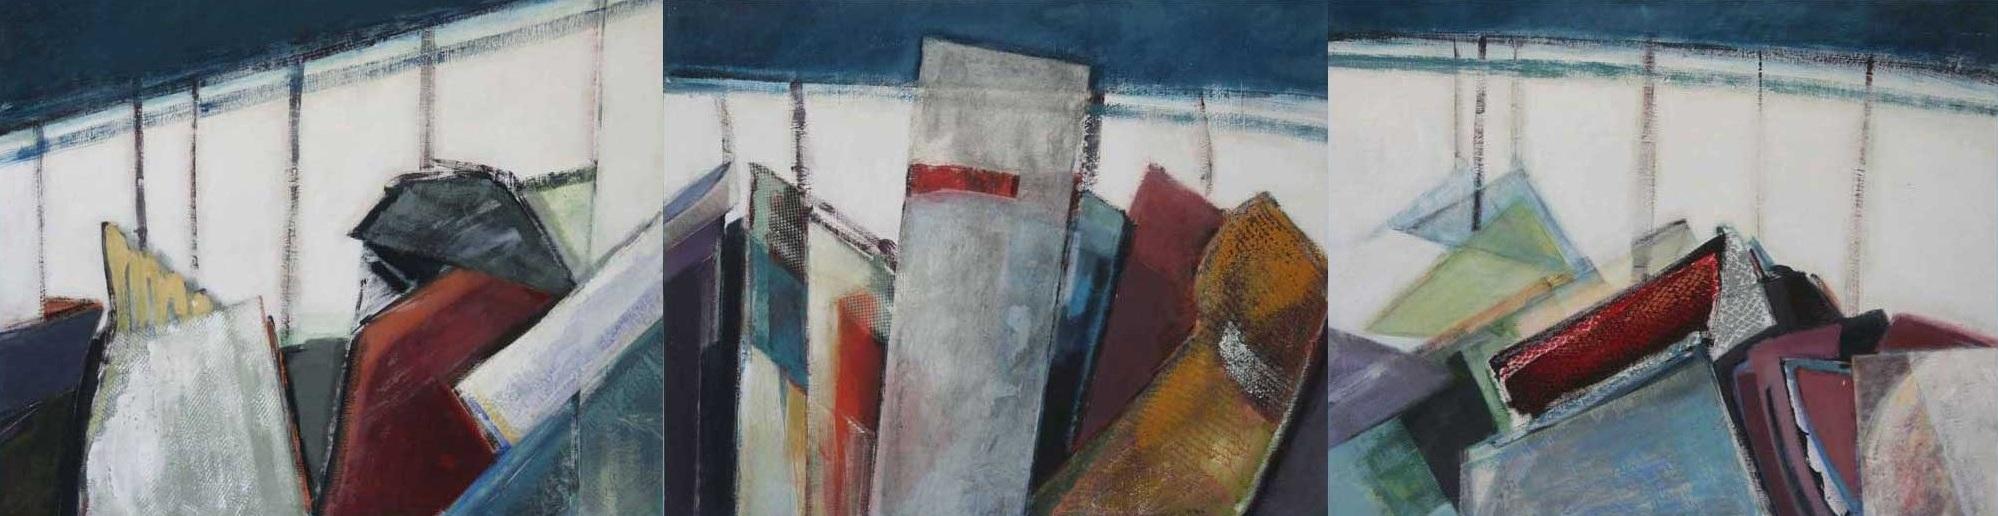 Pendiente , 2006. Acrílico, técnica mixta sobre tabla. 80 x 300 cm